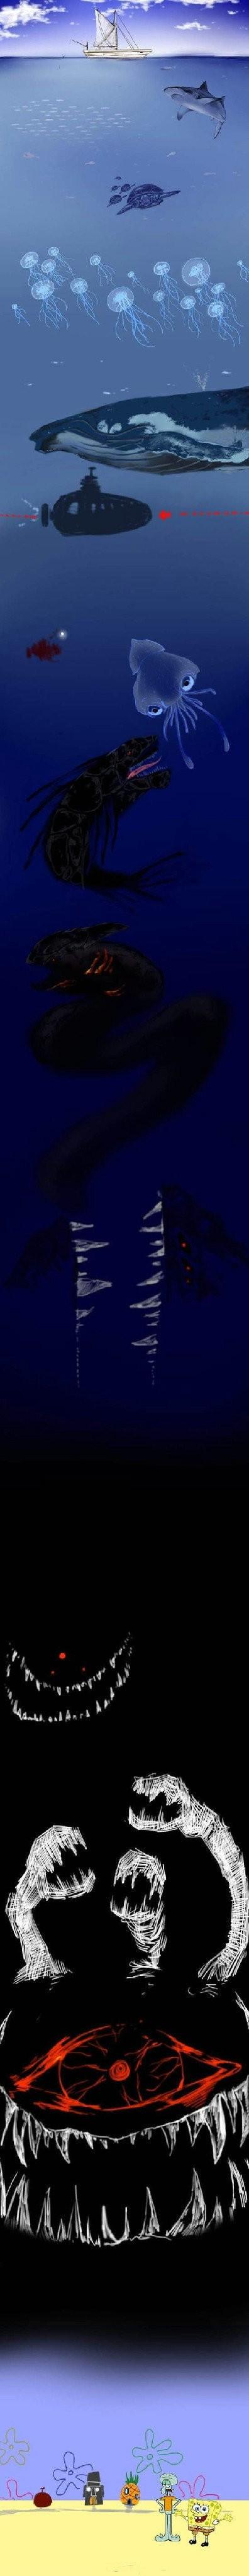 深海恐惧症图片